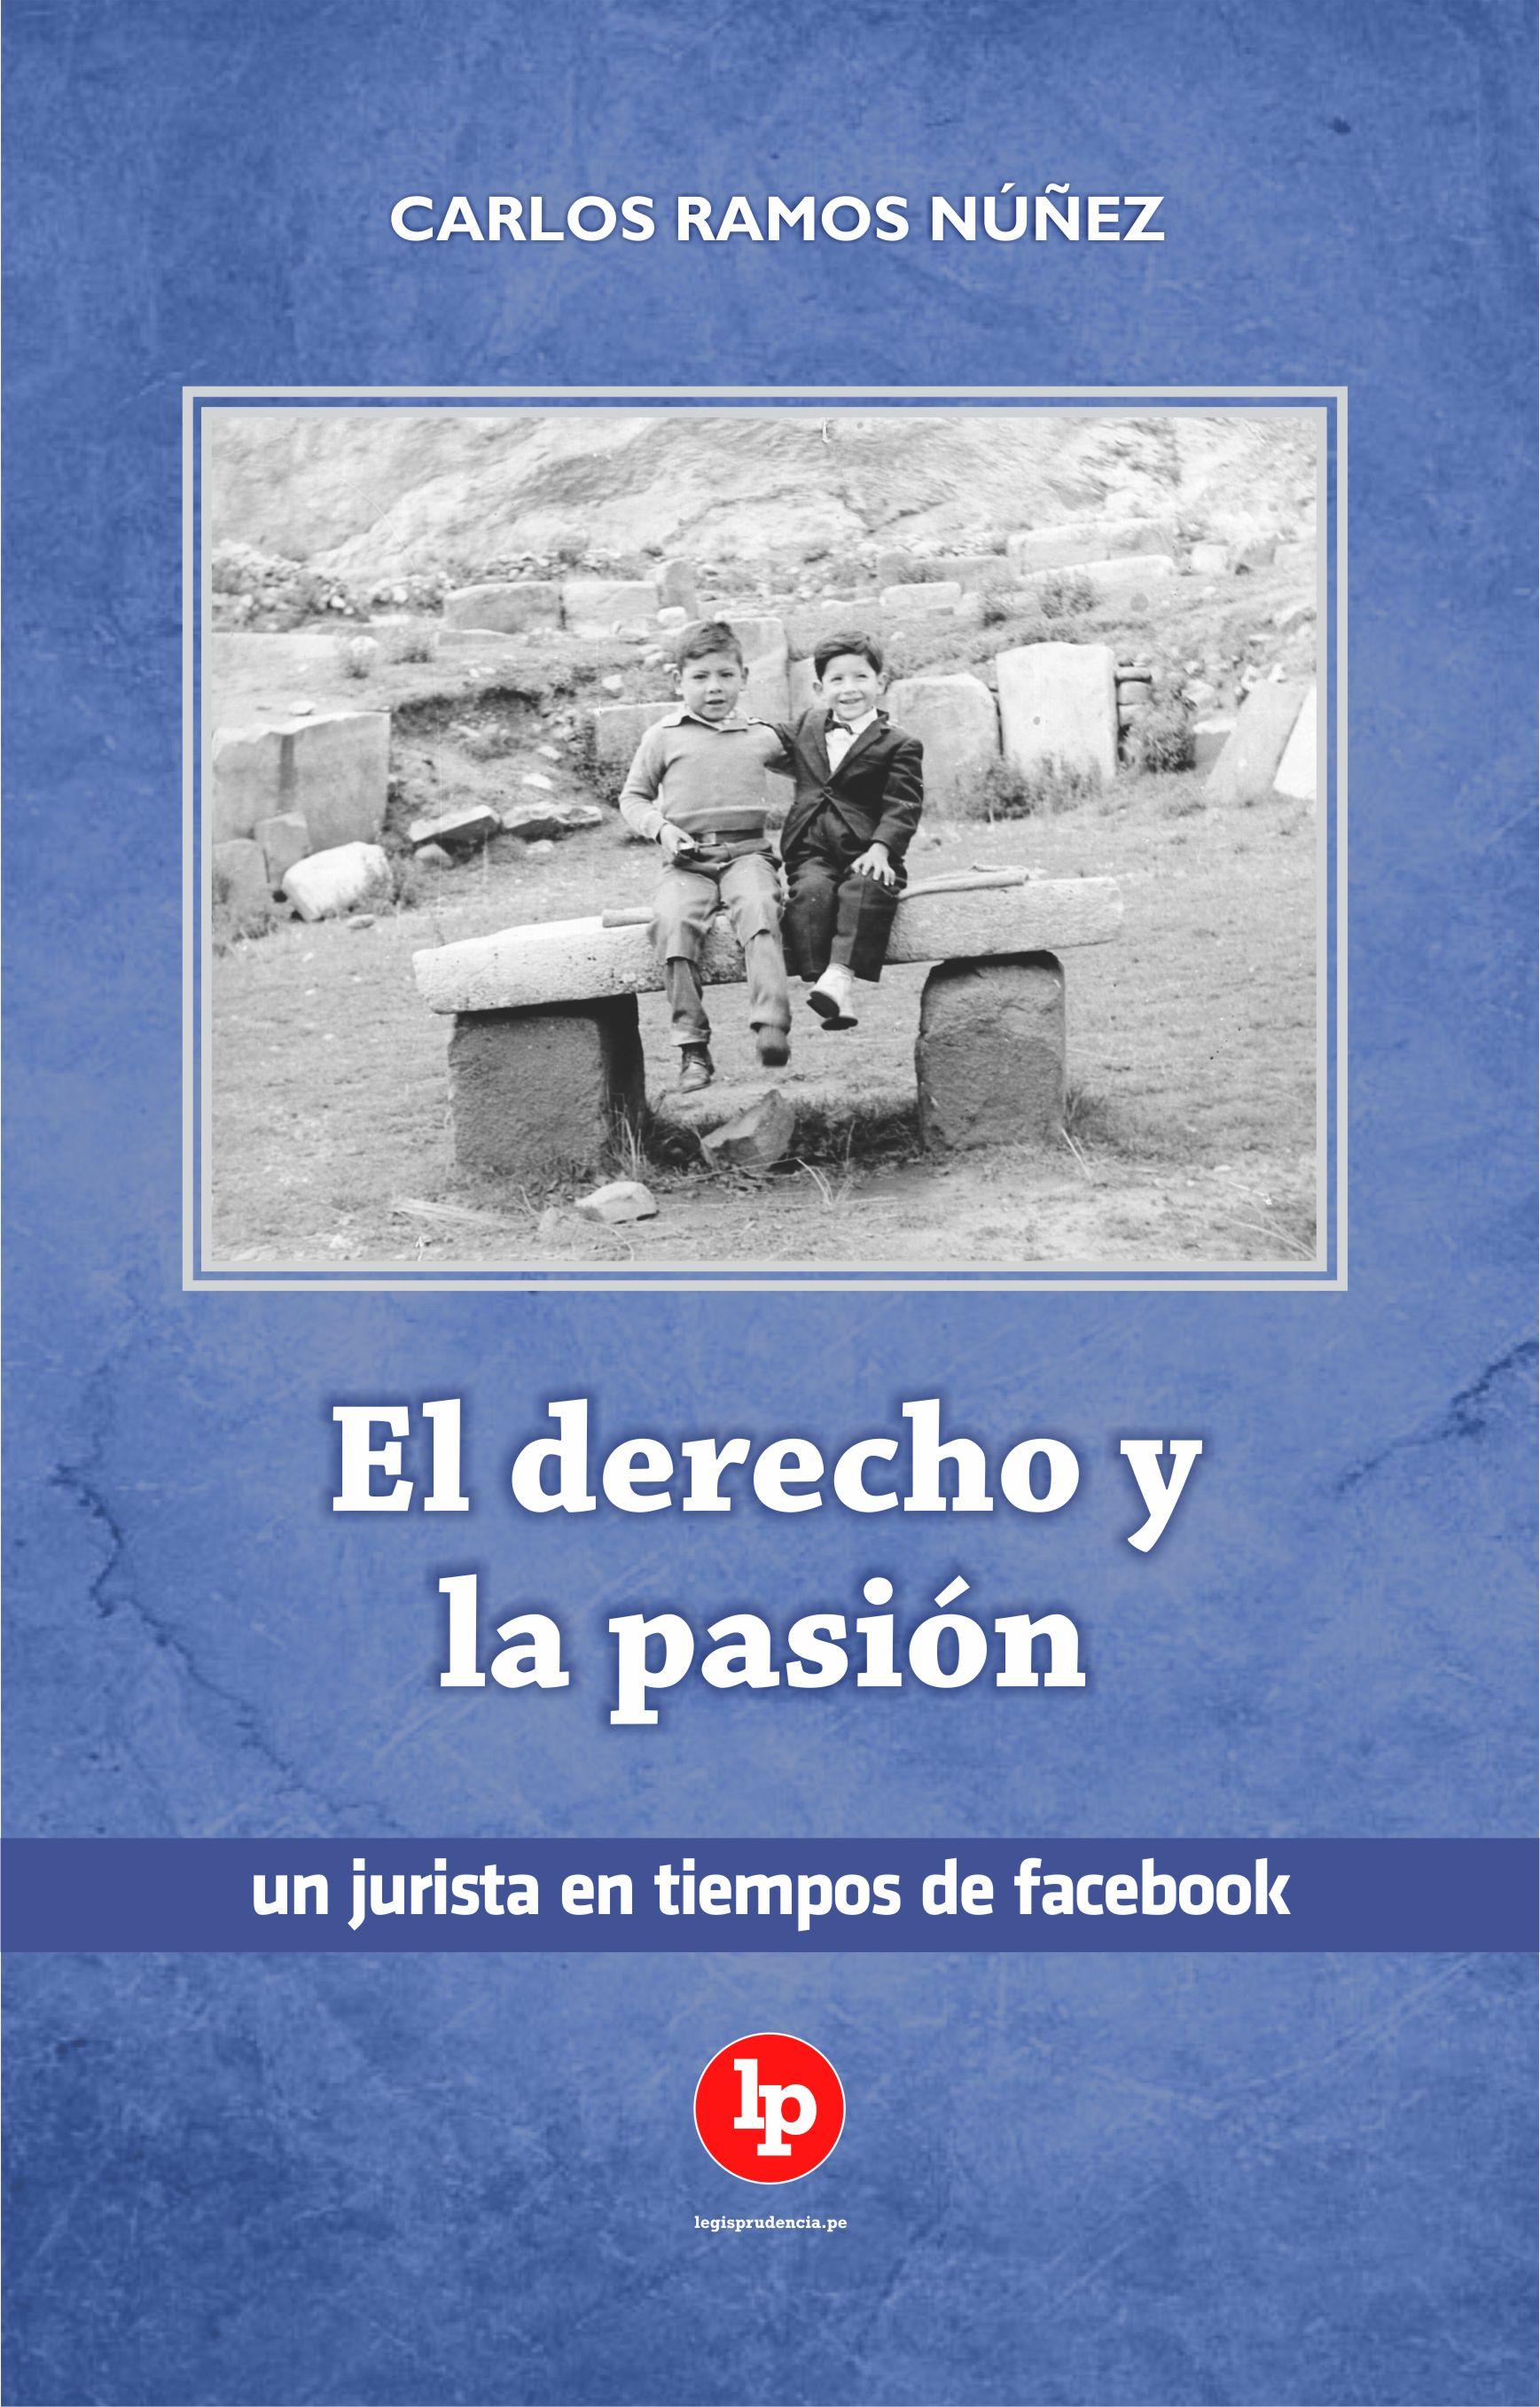 El derecho y la pasión. Un jurista en tiempos de facebook (Legisprudencia, 2014).